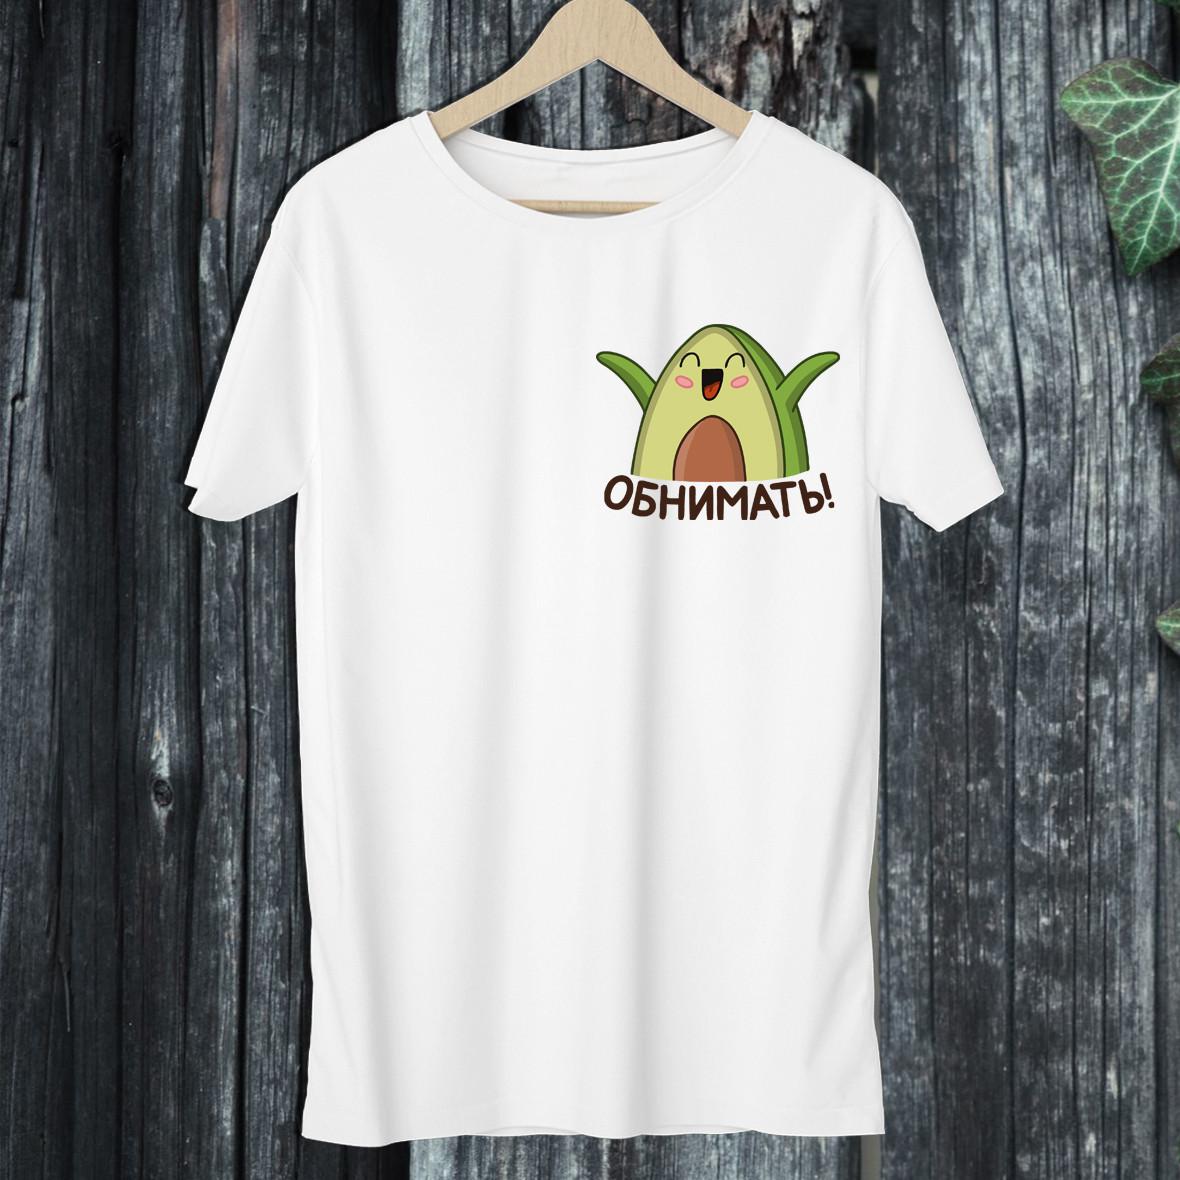 """Мужская футболка с принтом """"Авокадо: Обнимать"""" Push IT S, Белый"""